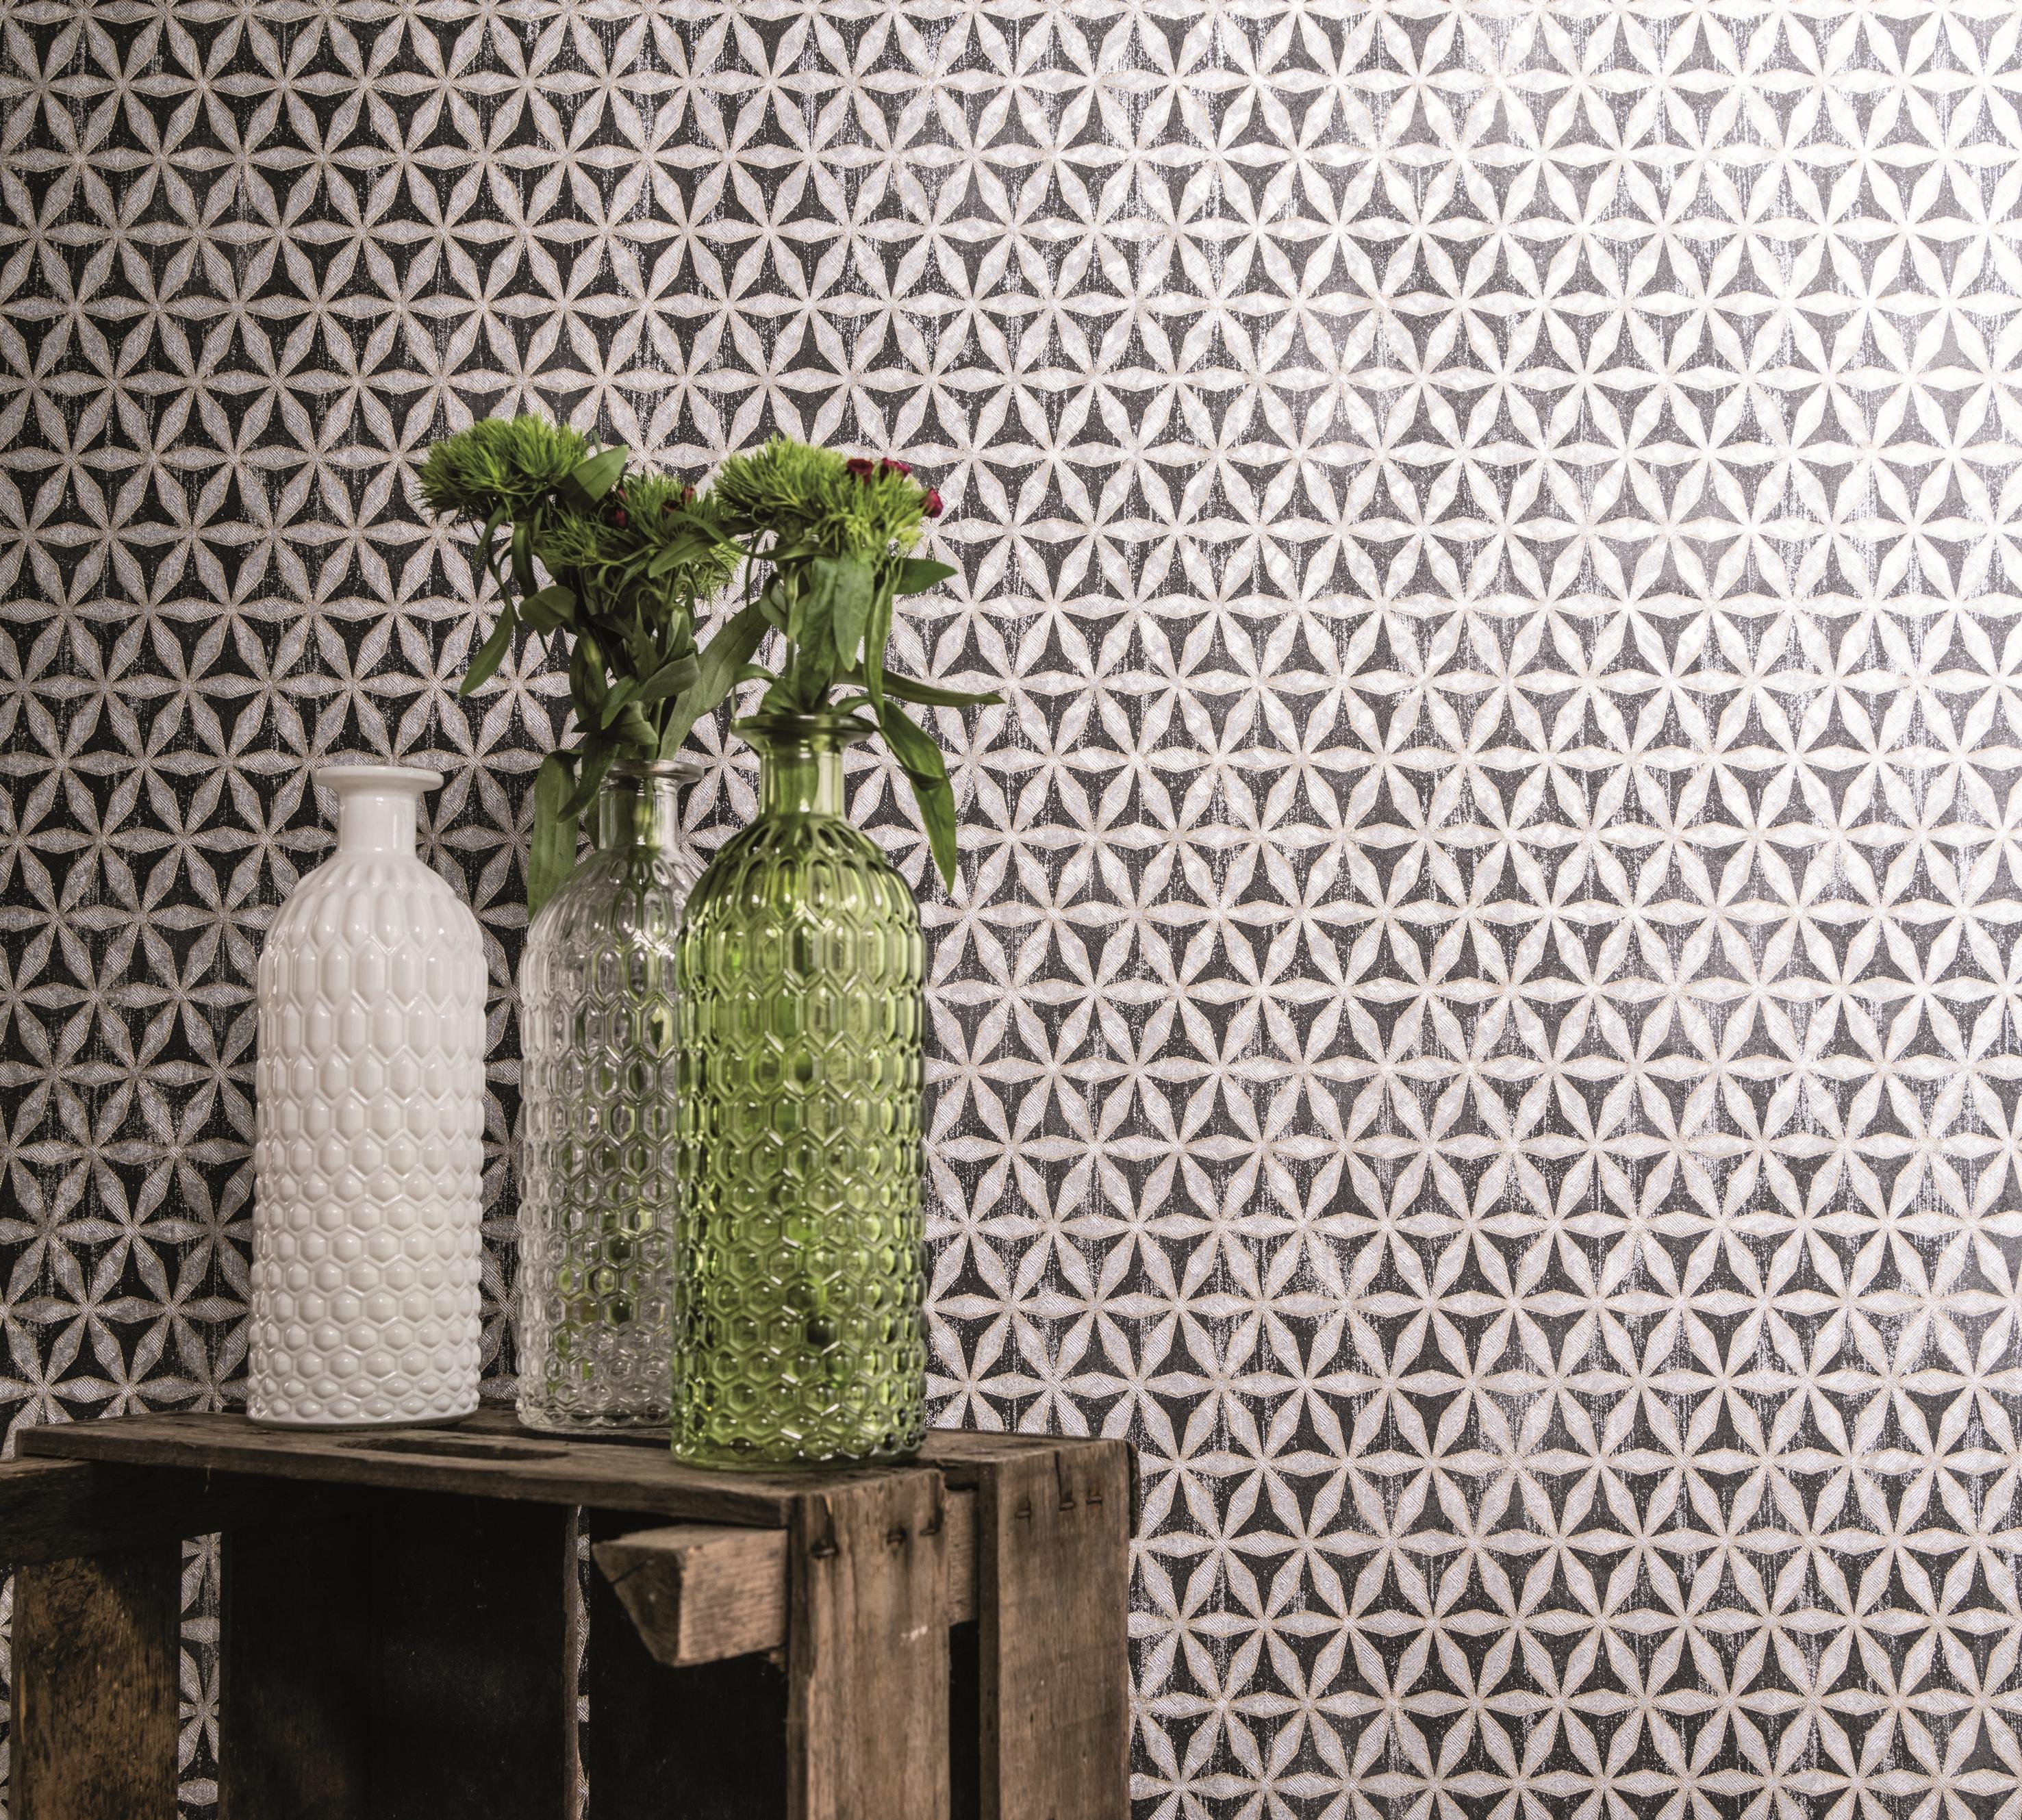 Papier peint avec de petites formes géométriques en noir et blanc